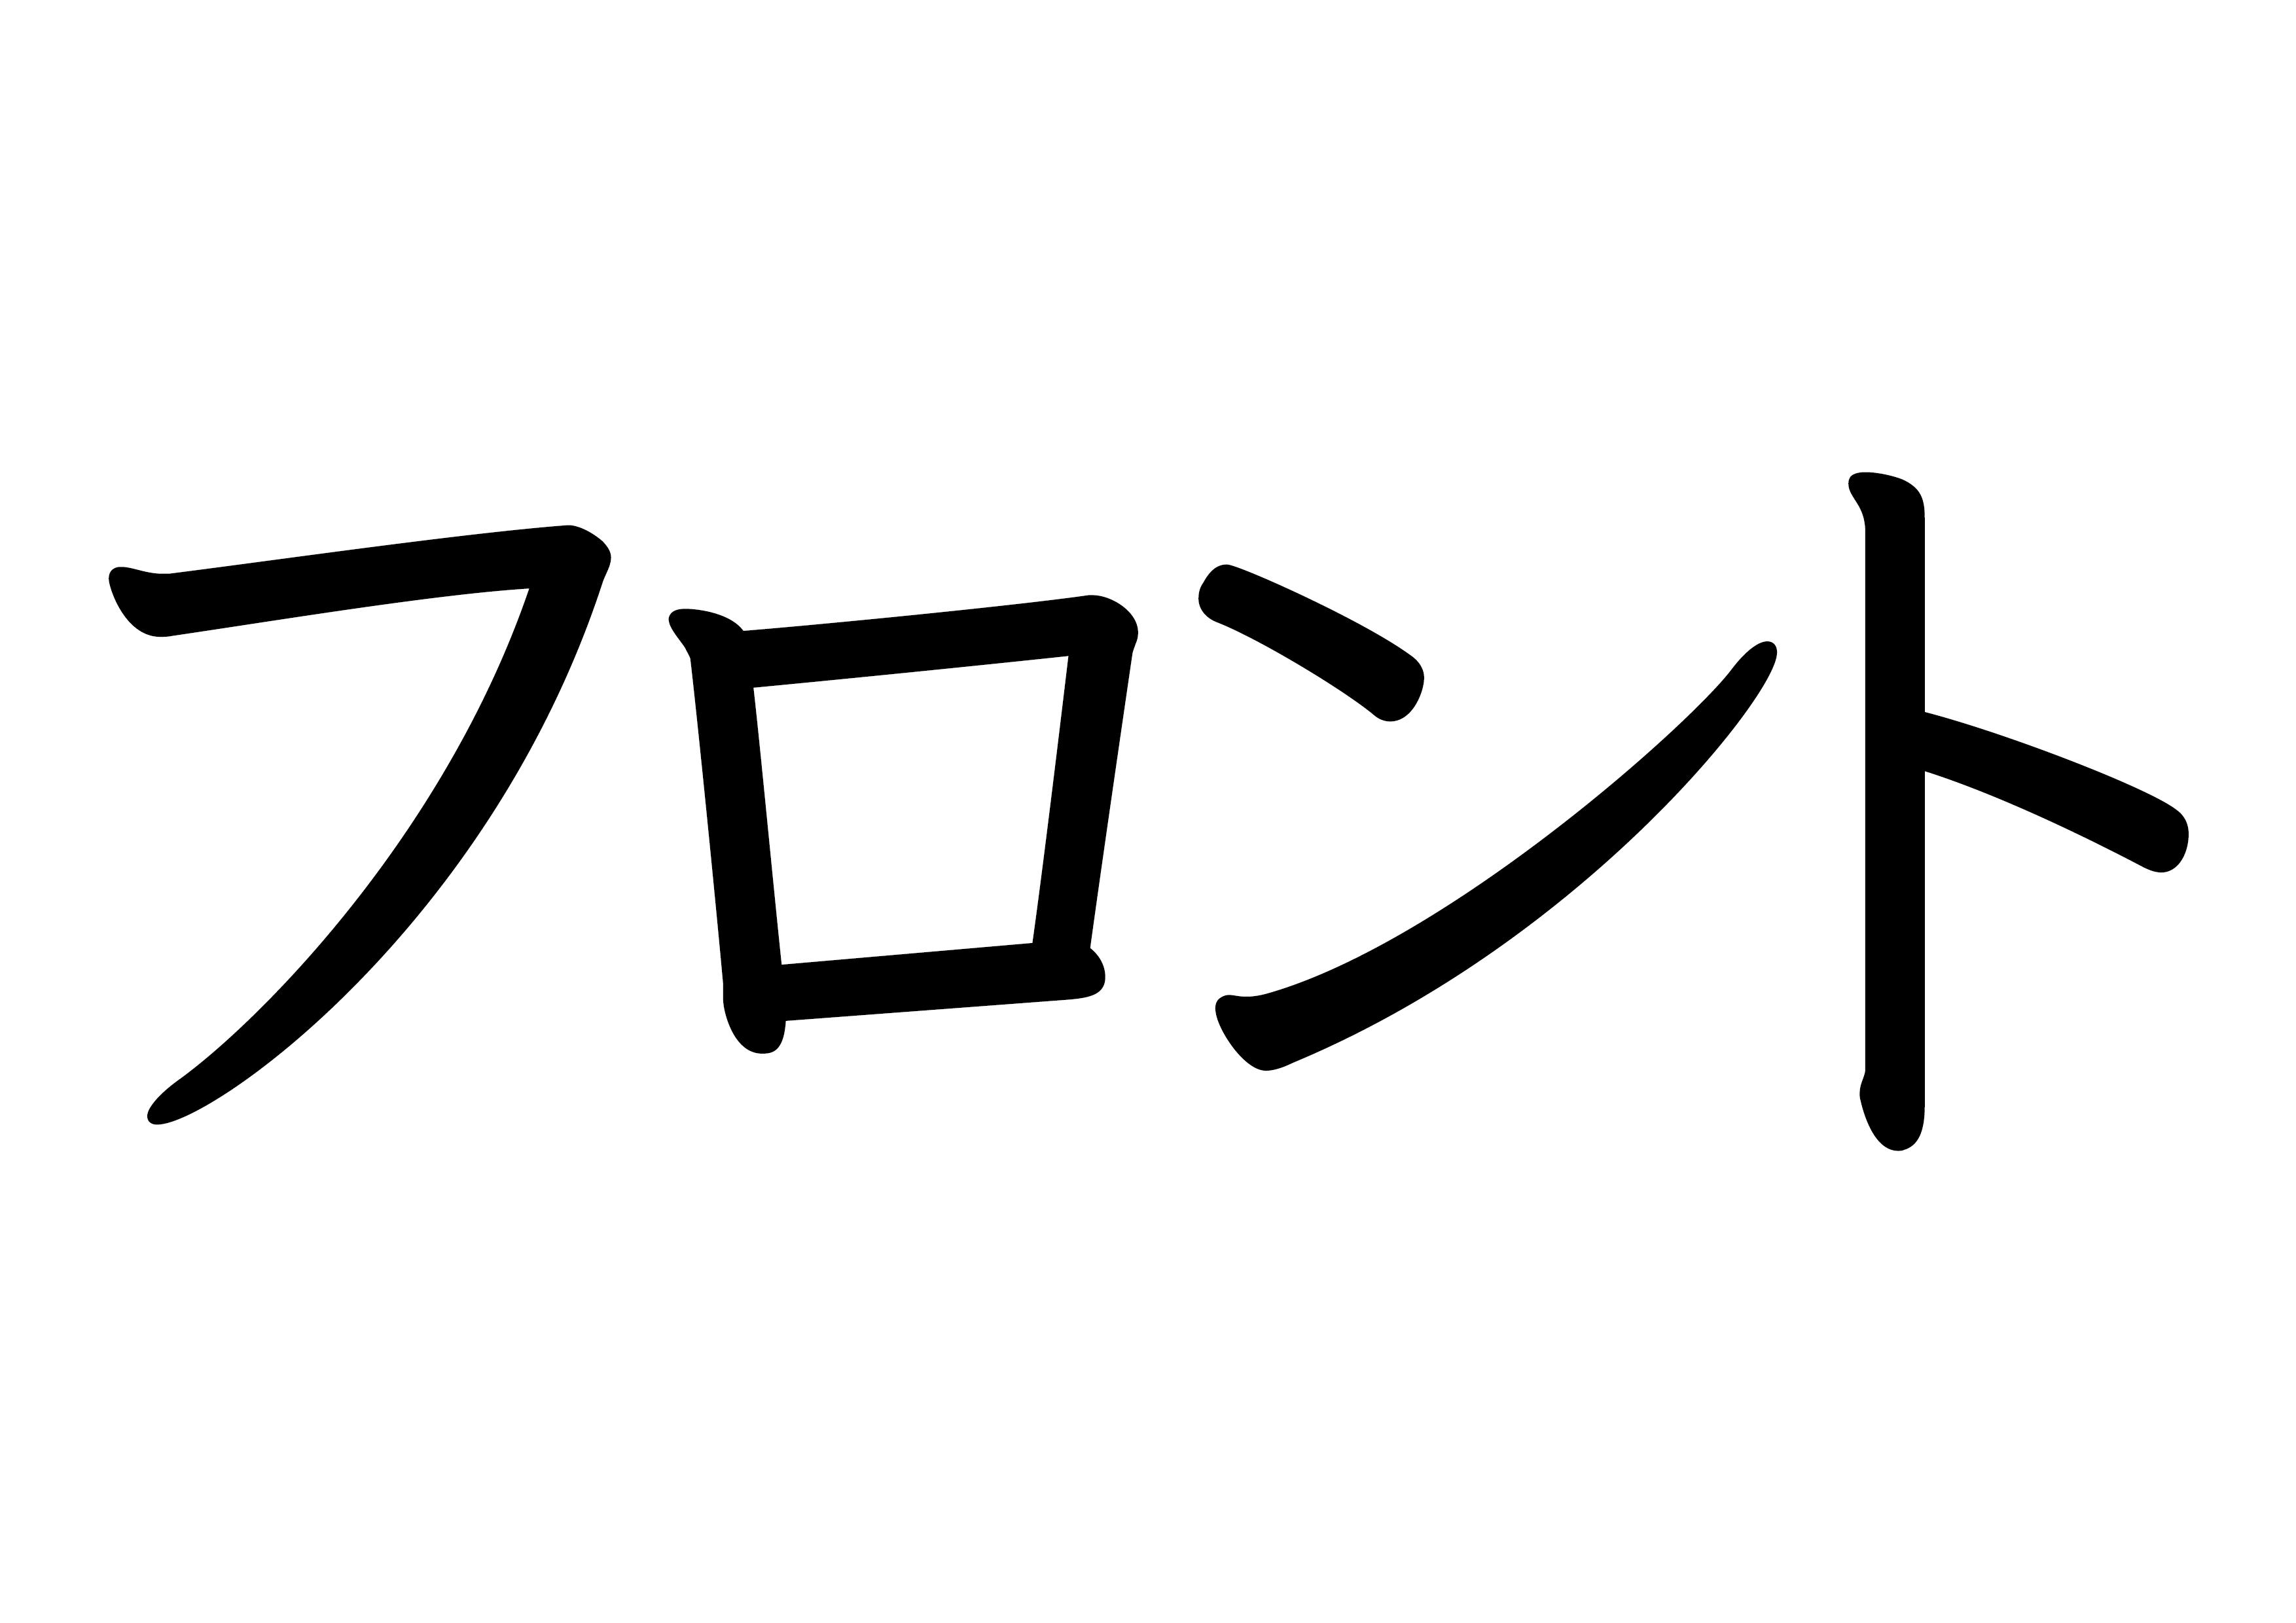 39課フラッシュカード 【フロント】